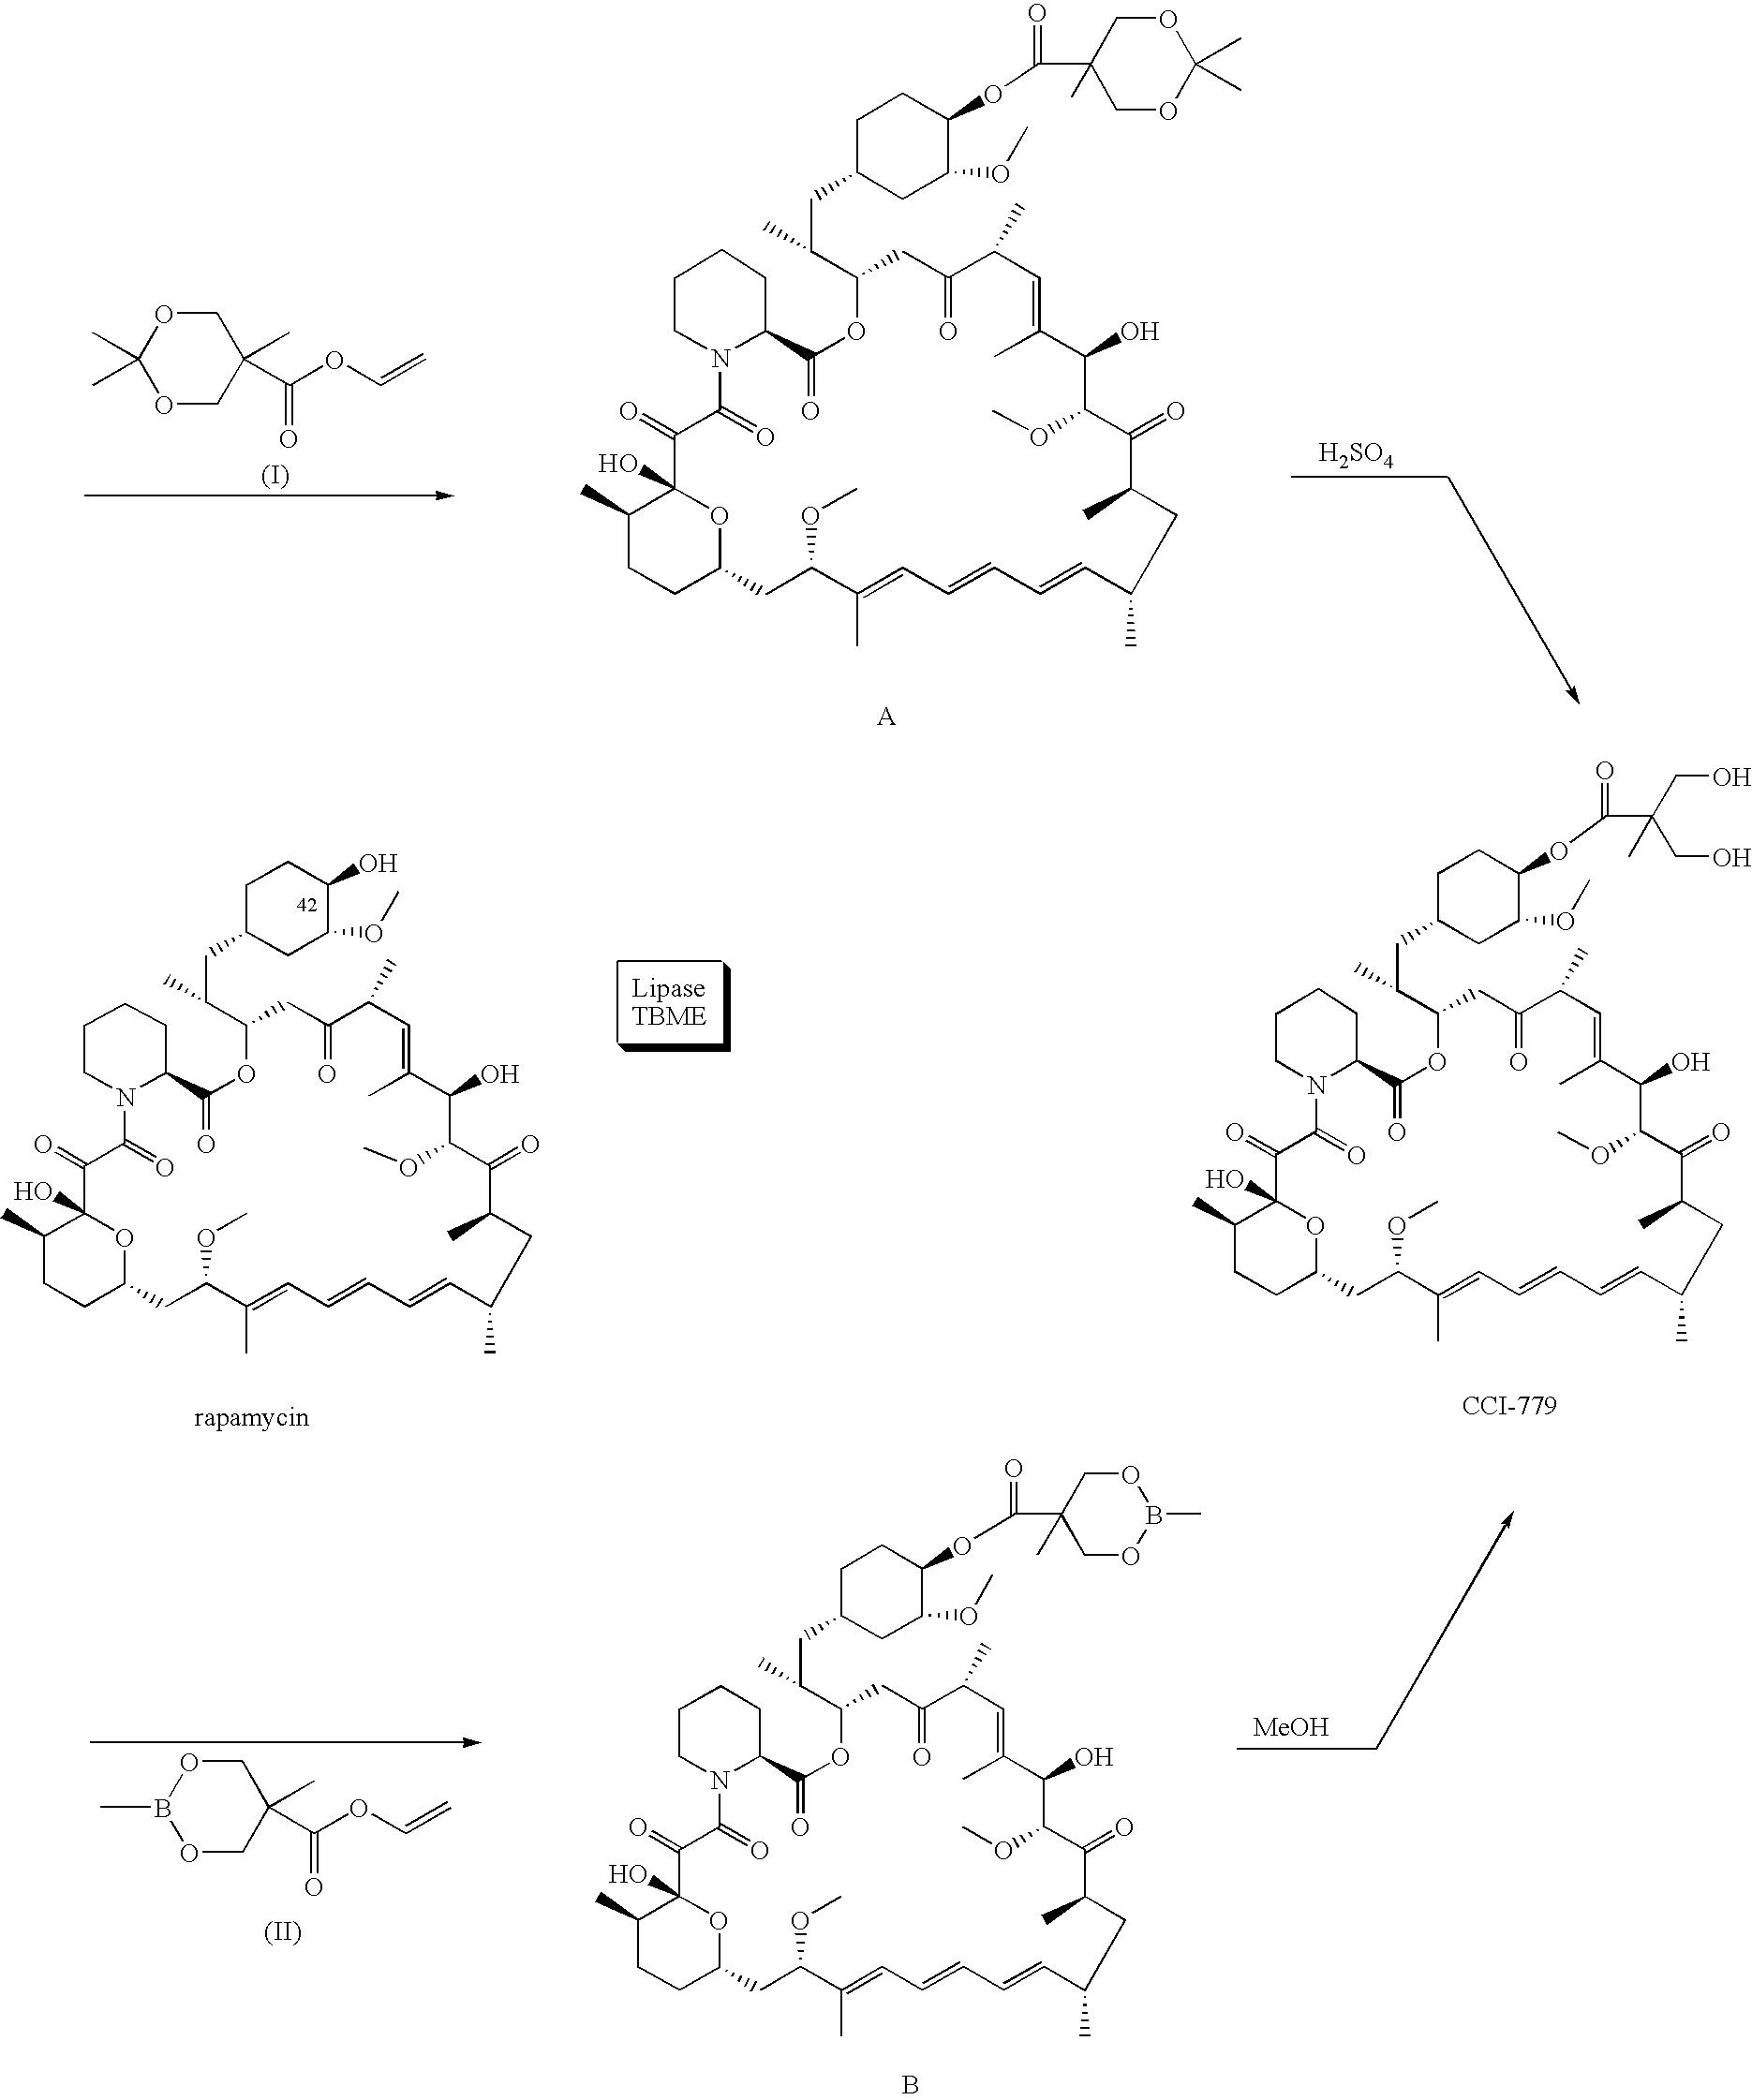 Figure US07202256-20070410-C00012